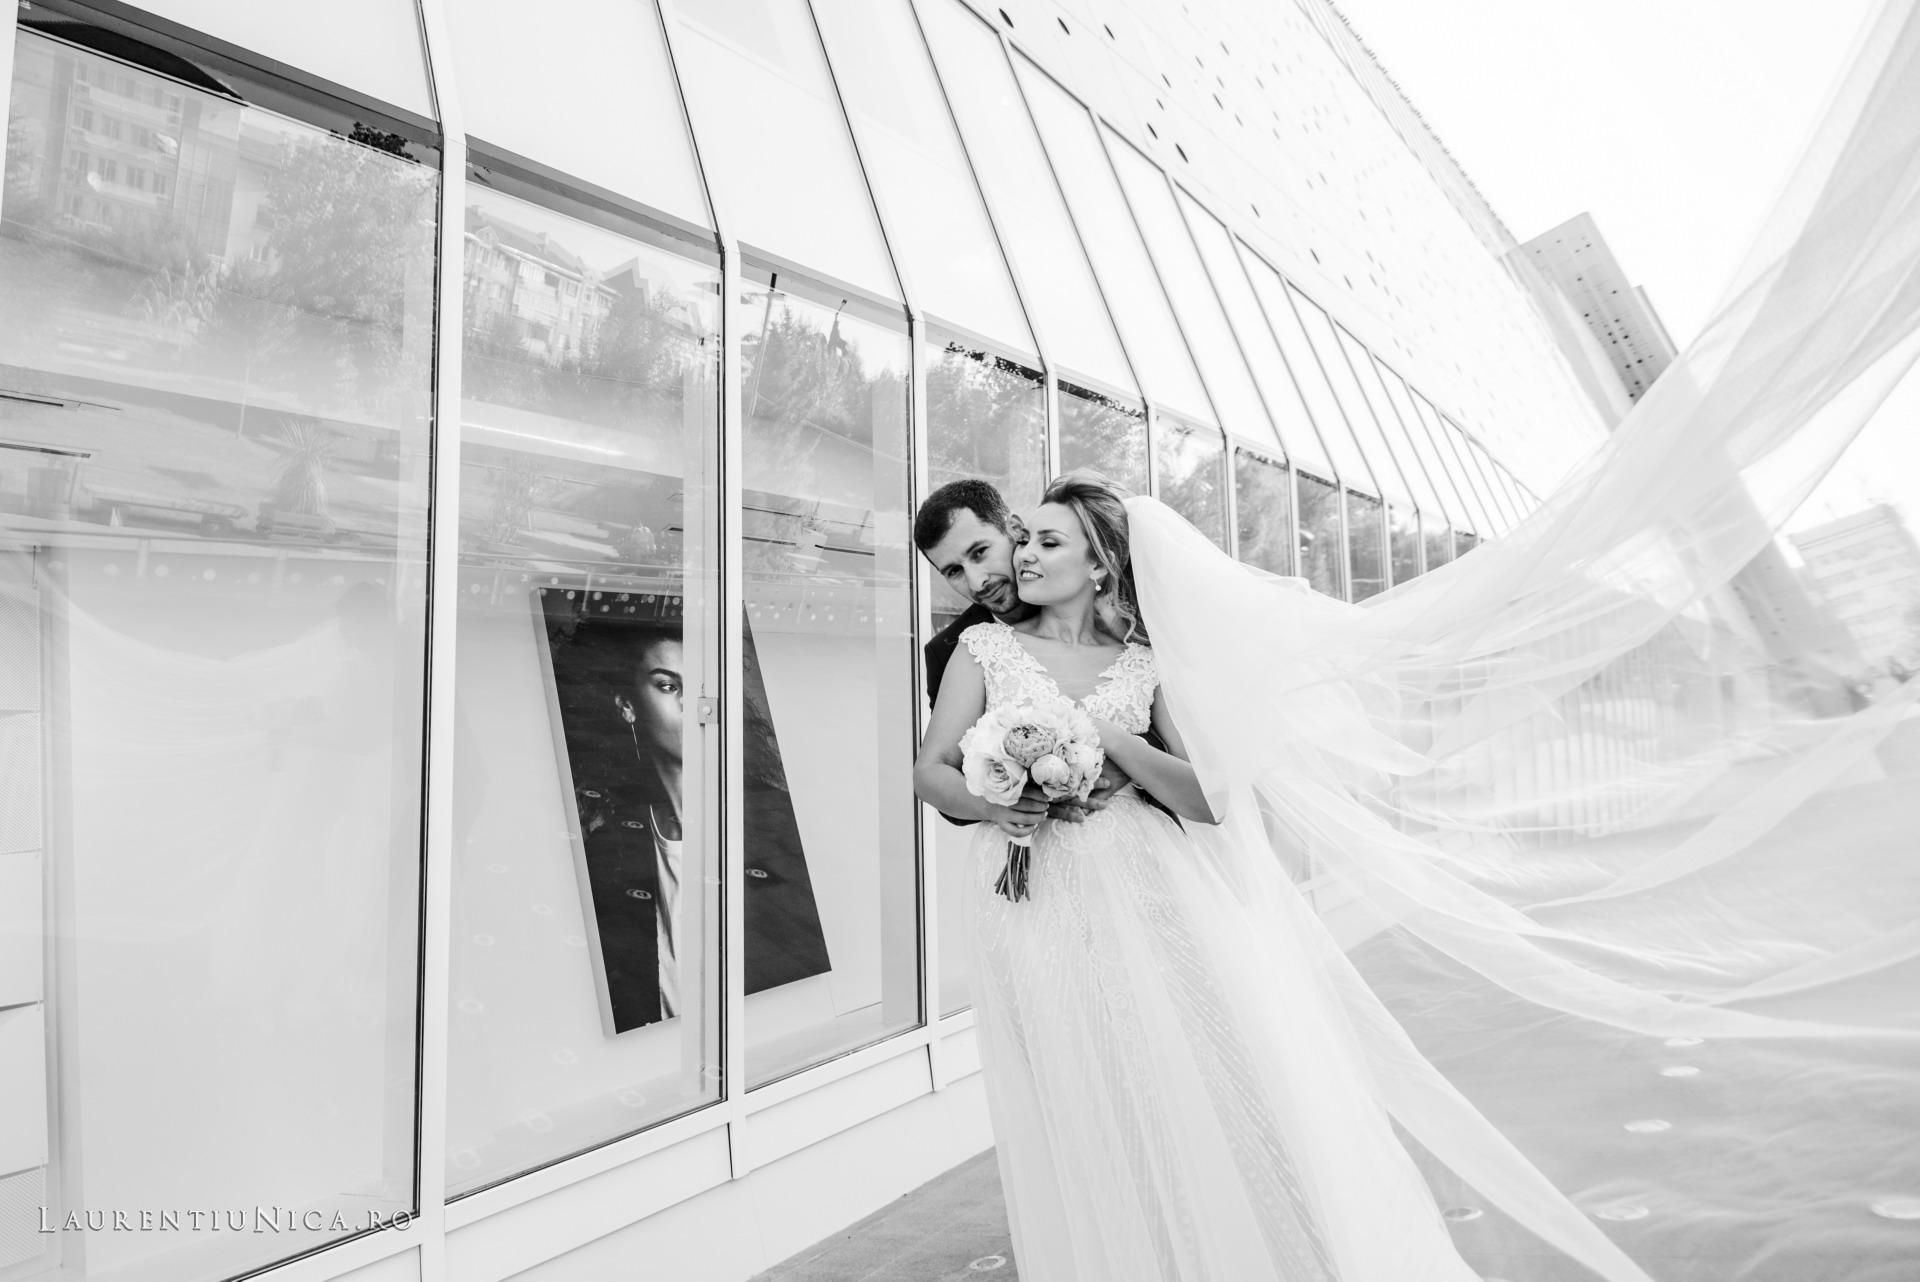 carolina si sorin craiova fotograf nunta laurentiu nica36 - Carolina & Sorin | Fotografii nunta